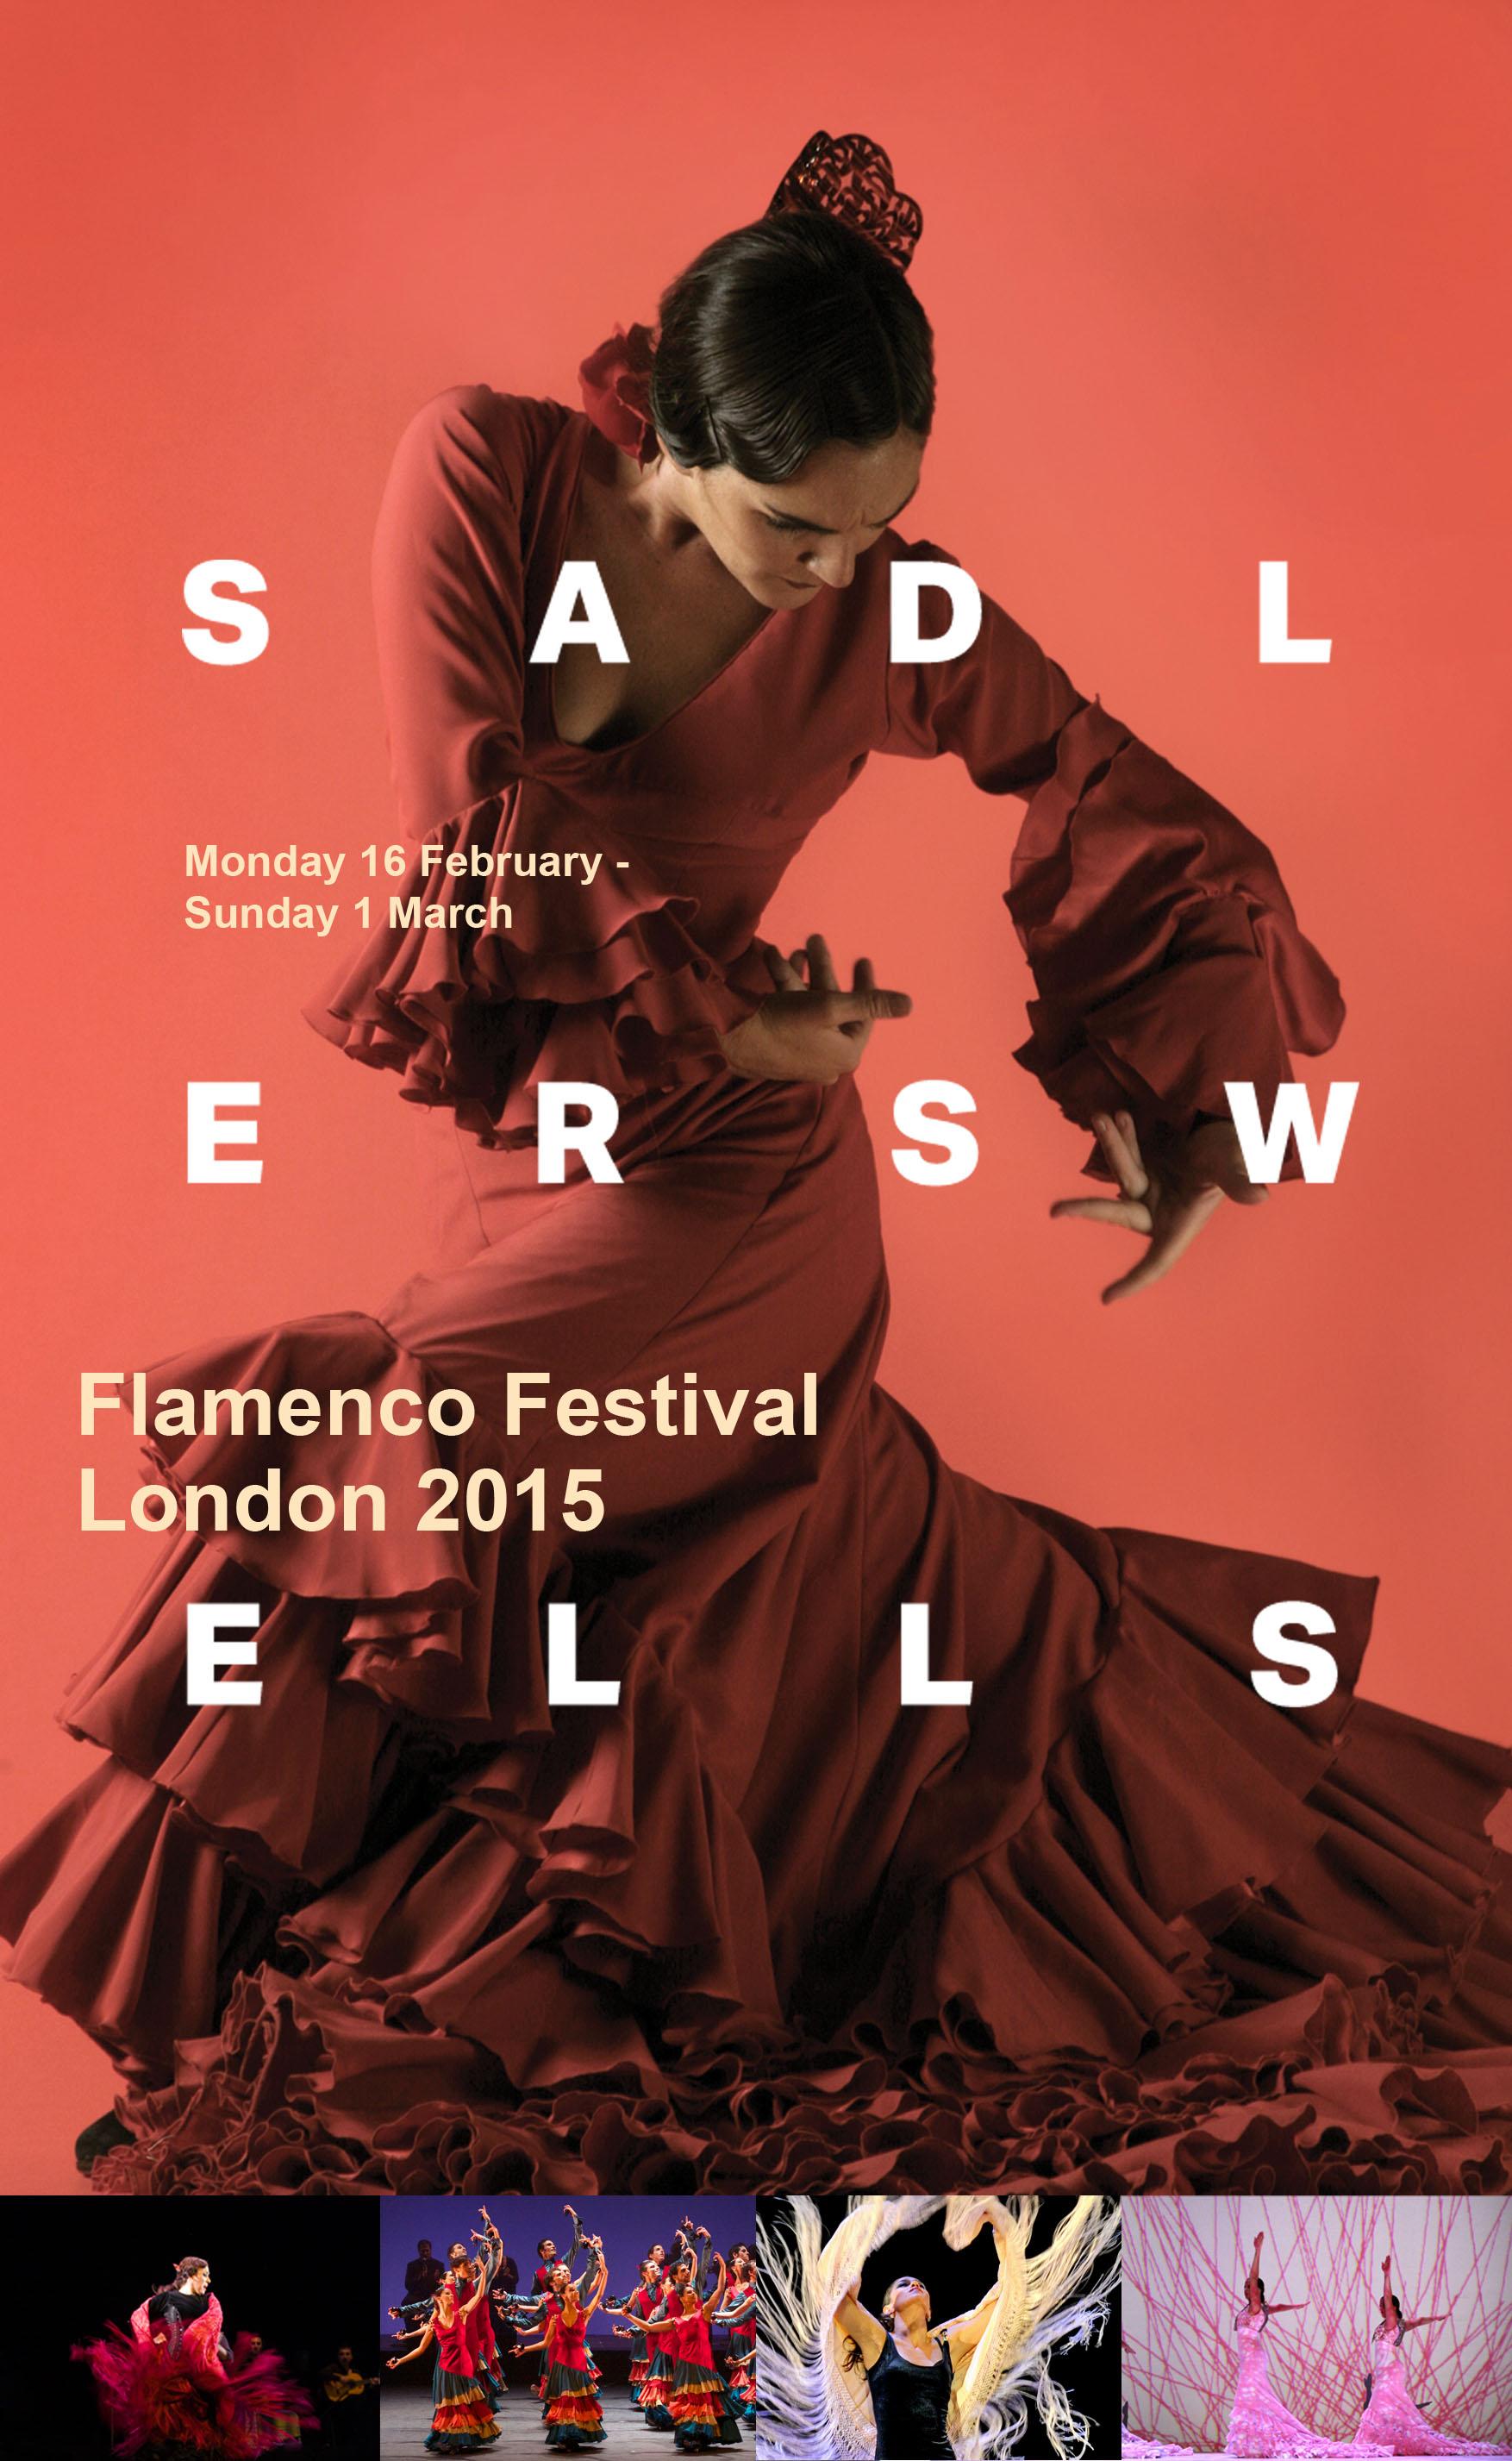 Flamenco Festival